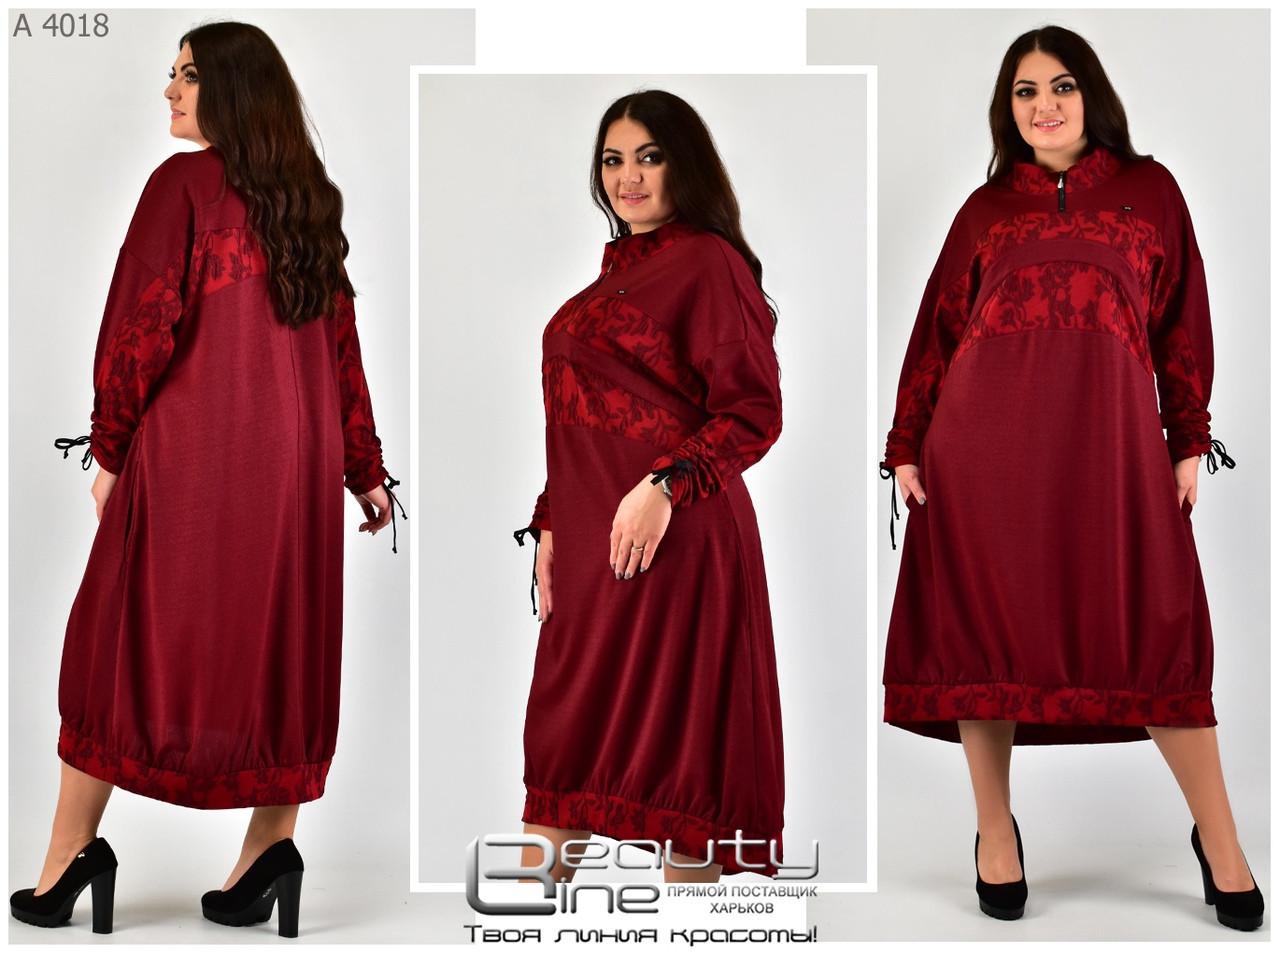 Стильное женское платье Размеры 58-60. 60-62. 64-66. 66-68